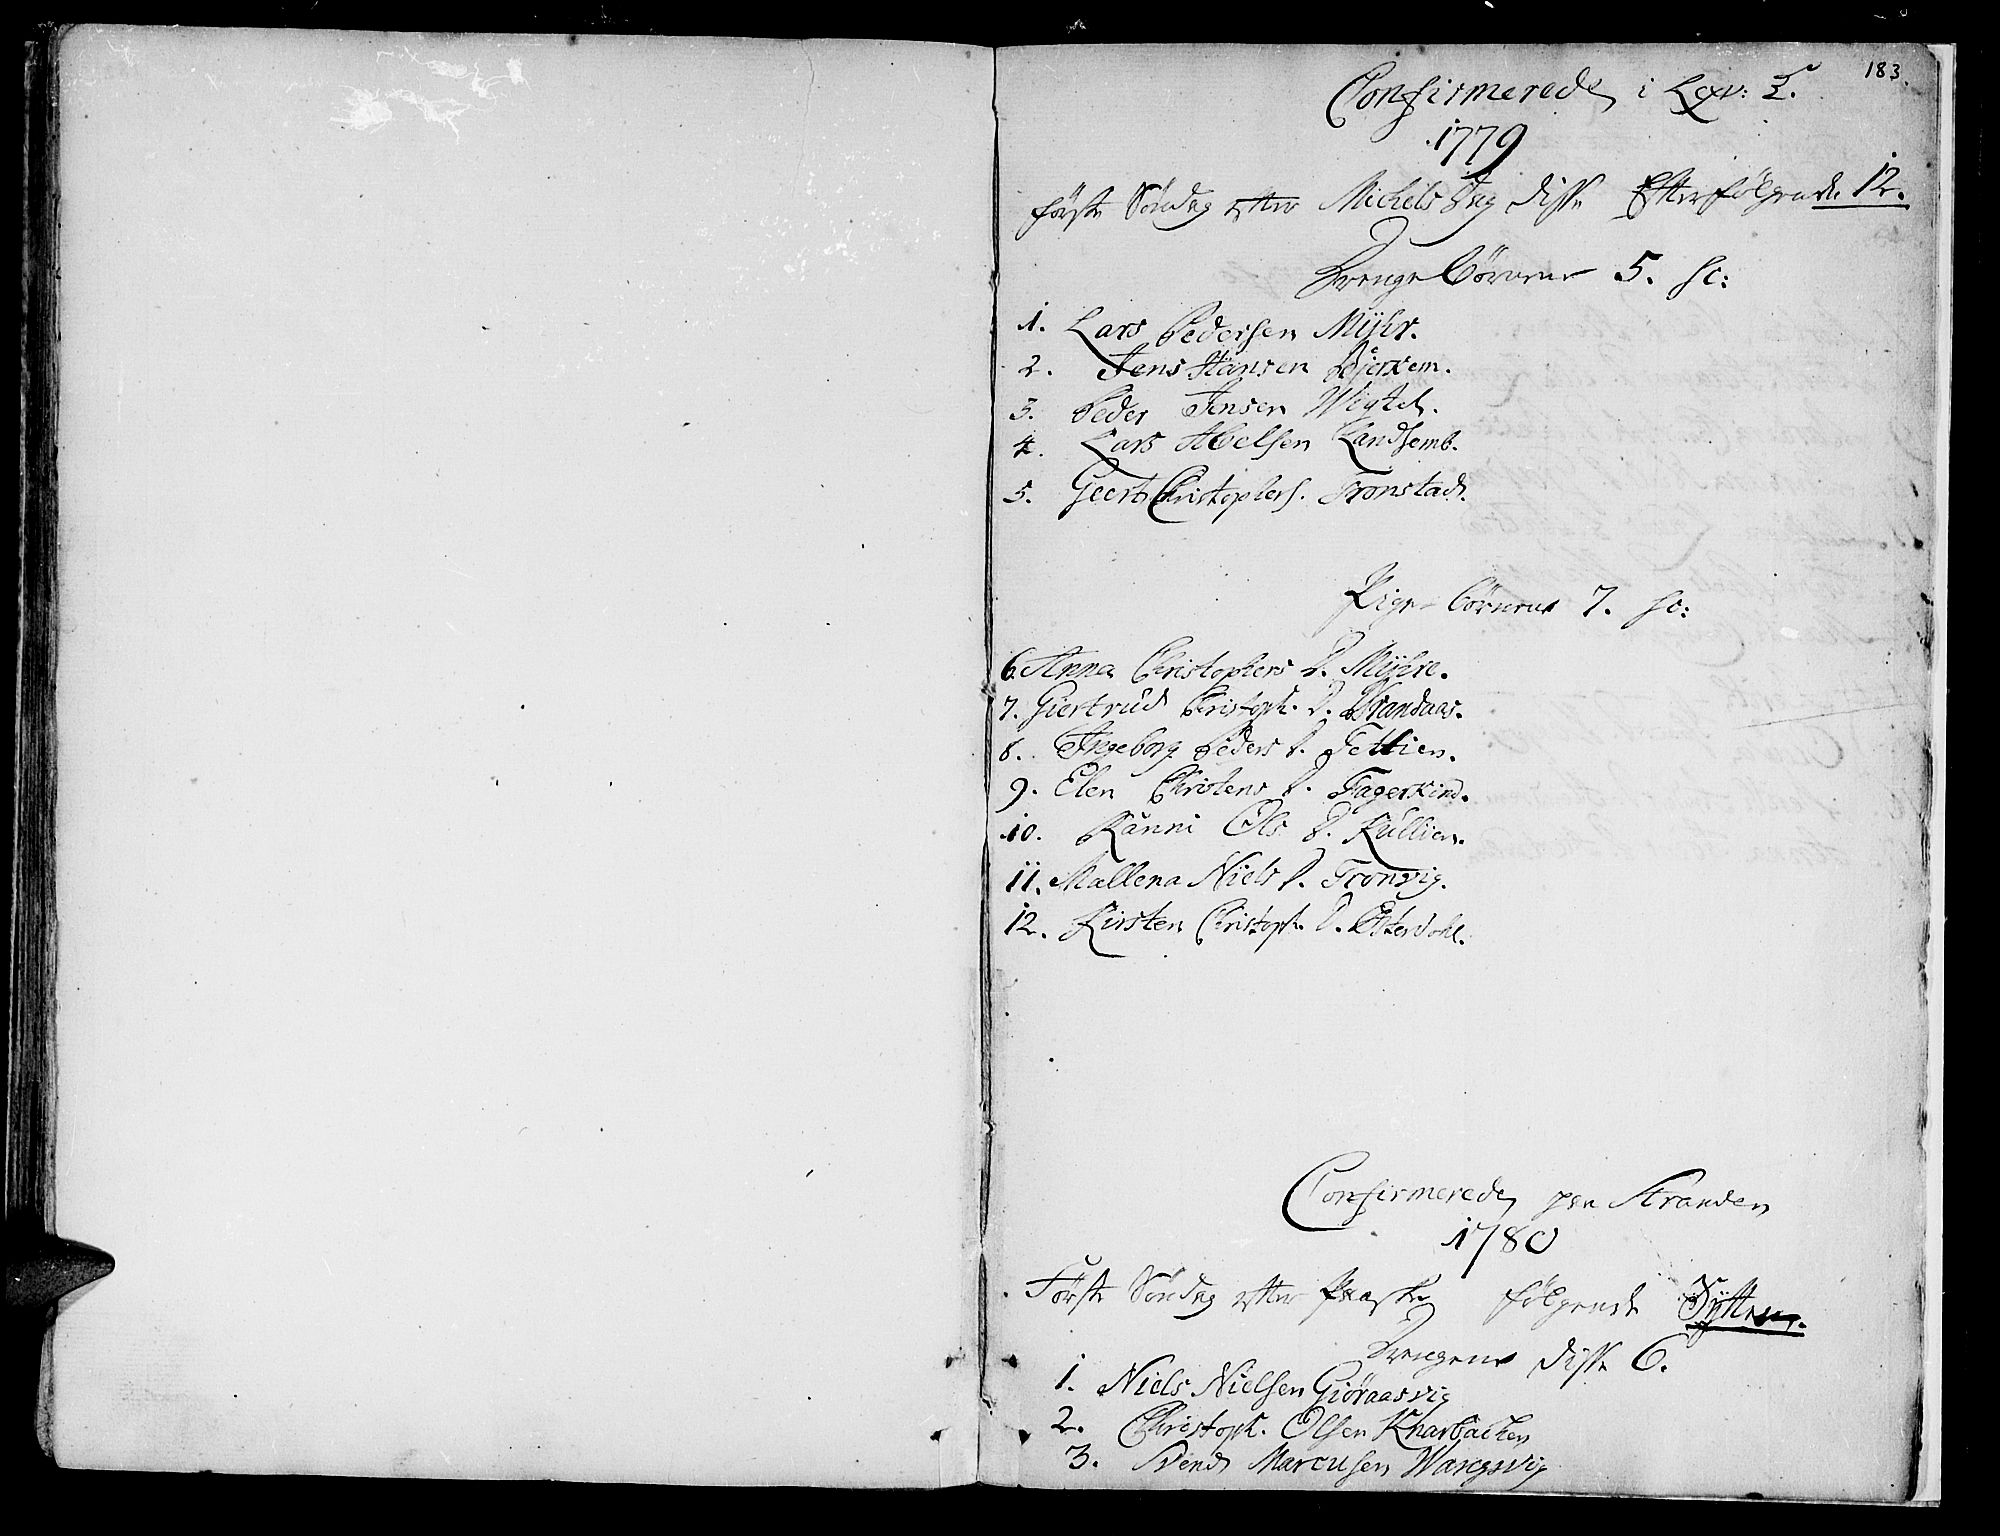 SAT, Ministerialprotokoller, klokkerbøker og fødselsregistre - Nord-Trøndelag, 701/L0003: Ministerialbok nr. 701A03, 1751-1783, s. 183